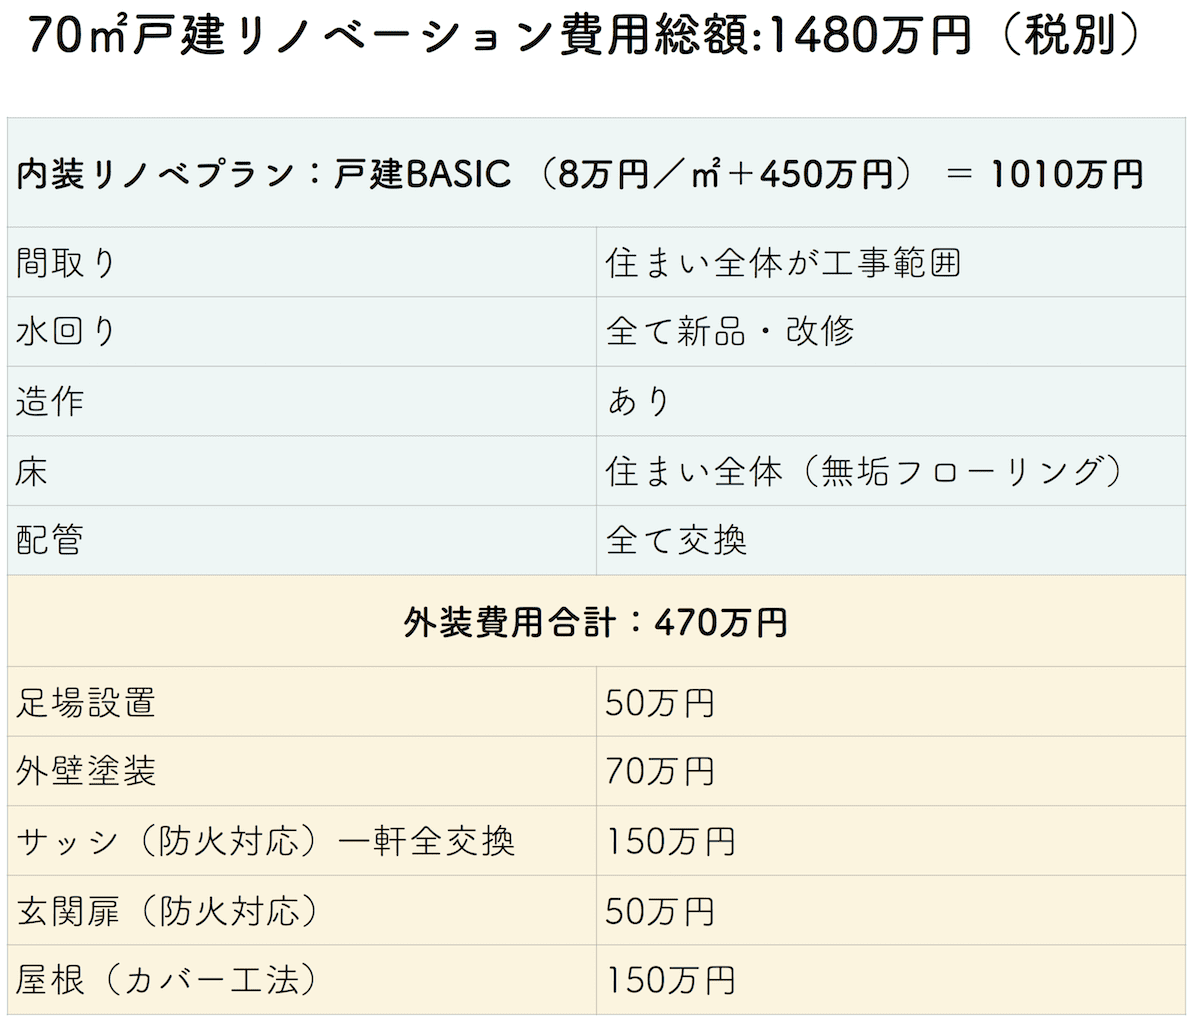 リノベーション1500万円の内訳